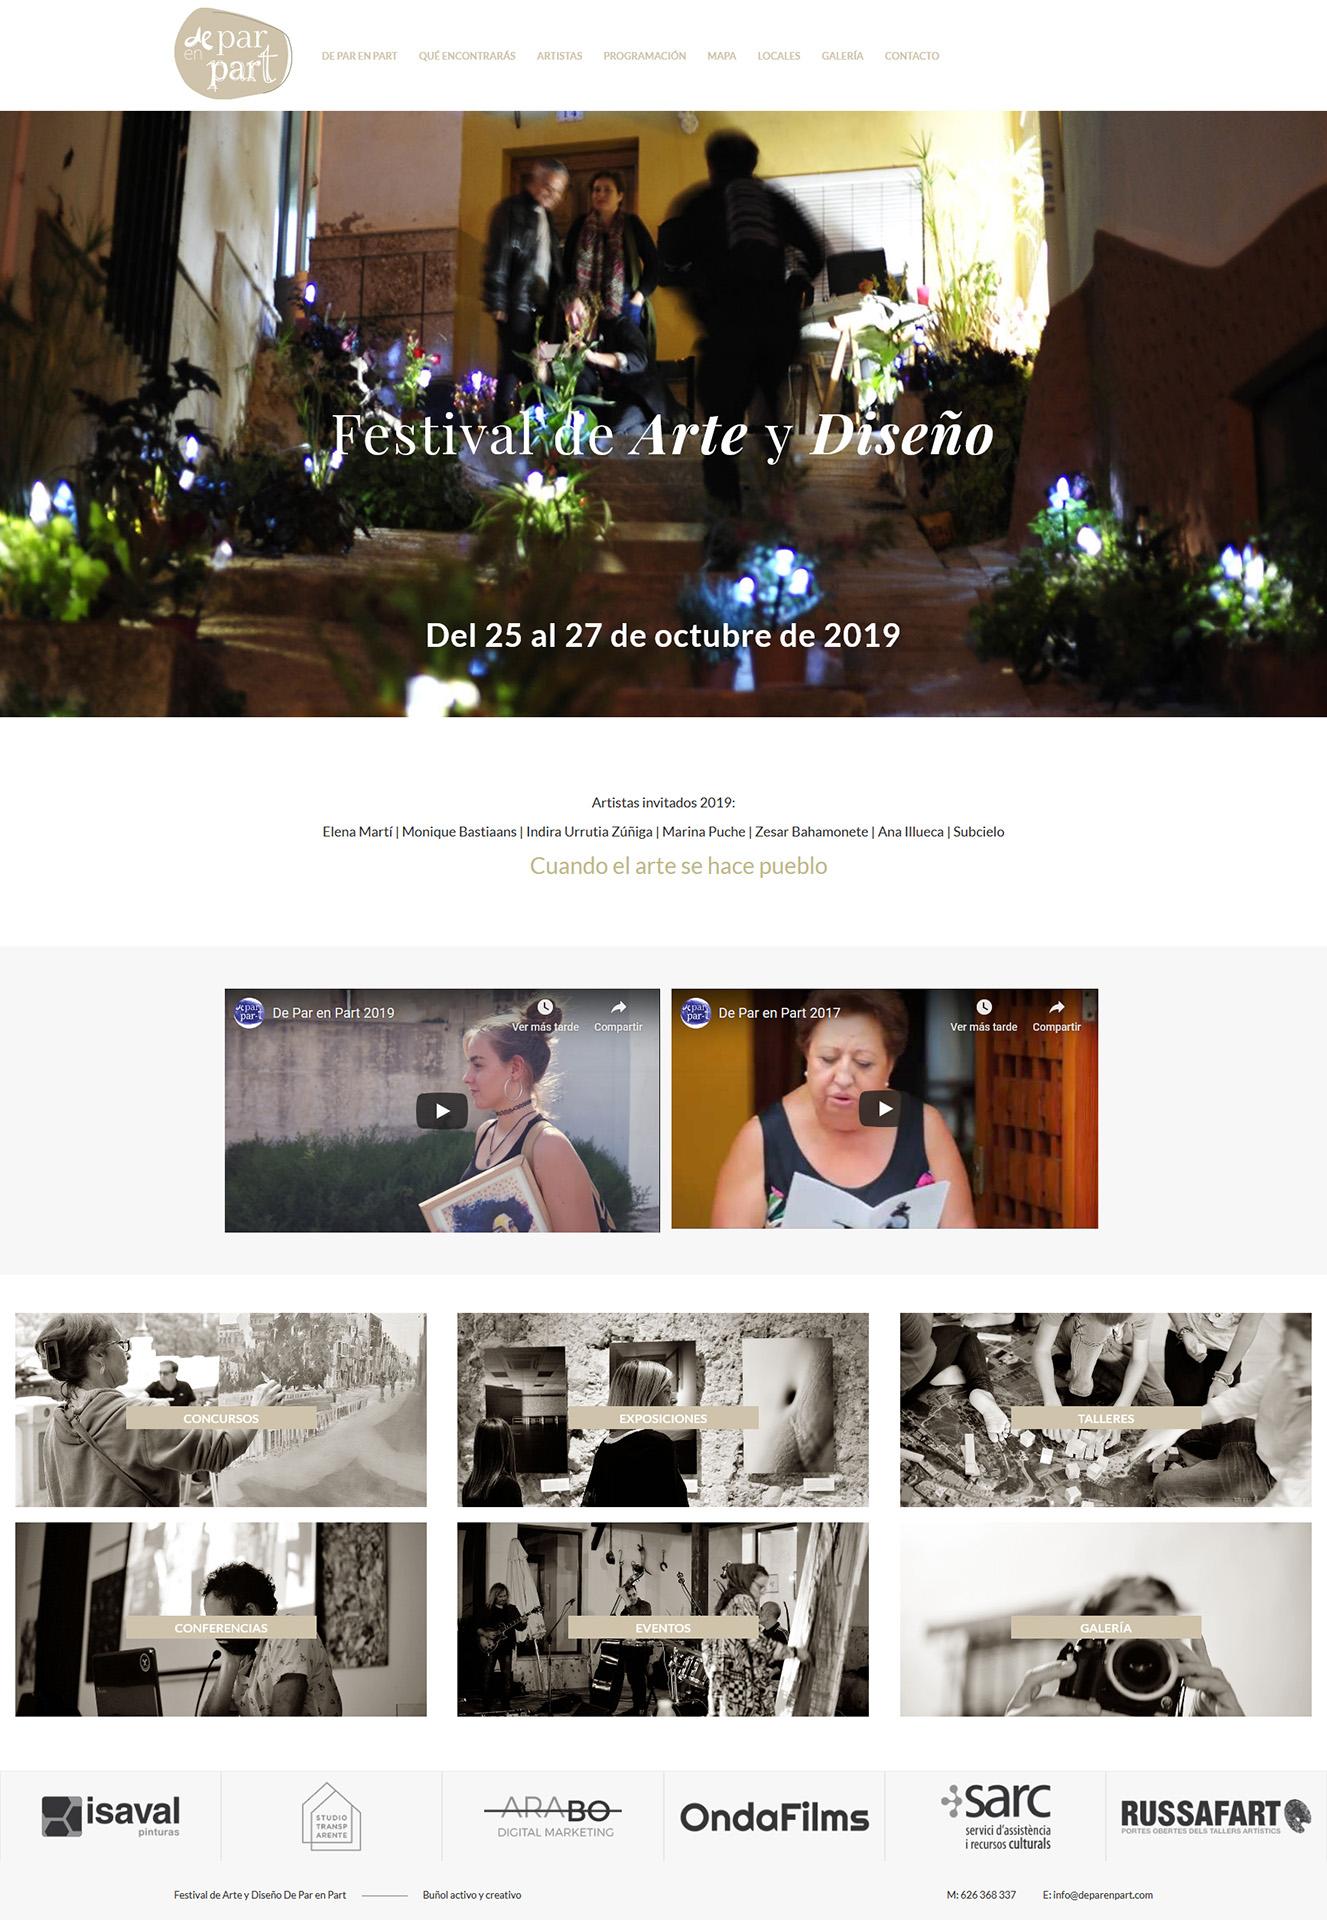 Festival De Par en Part - Diseño web